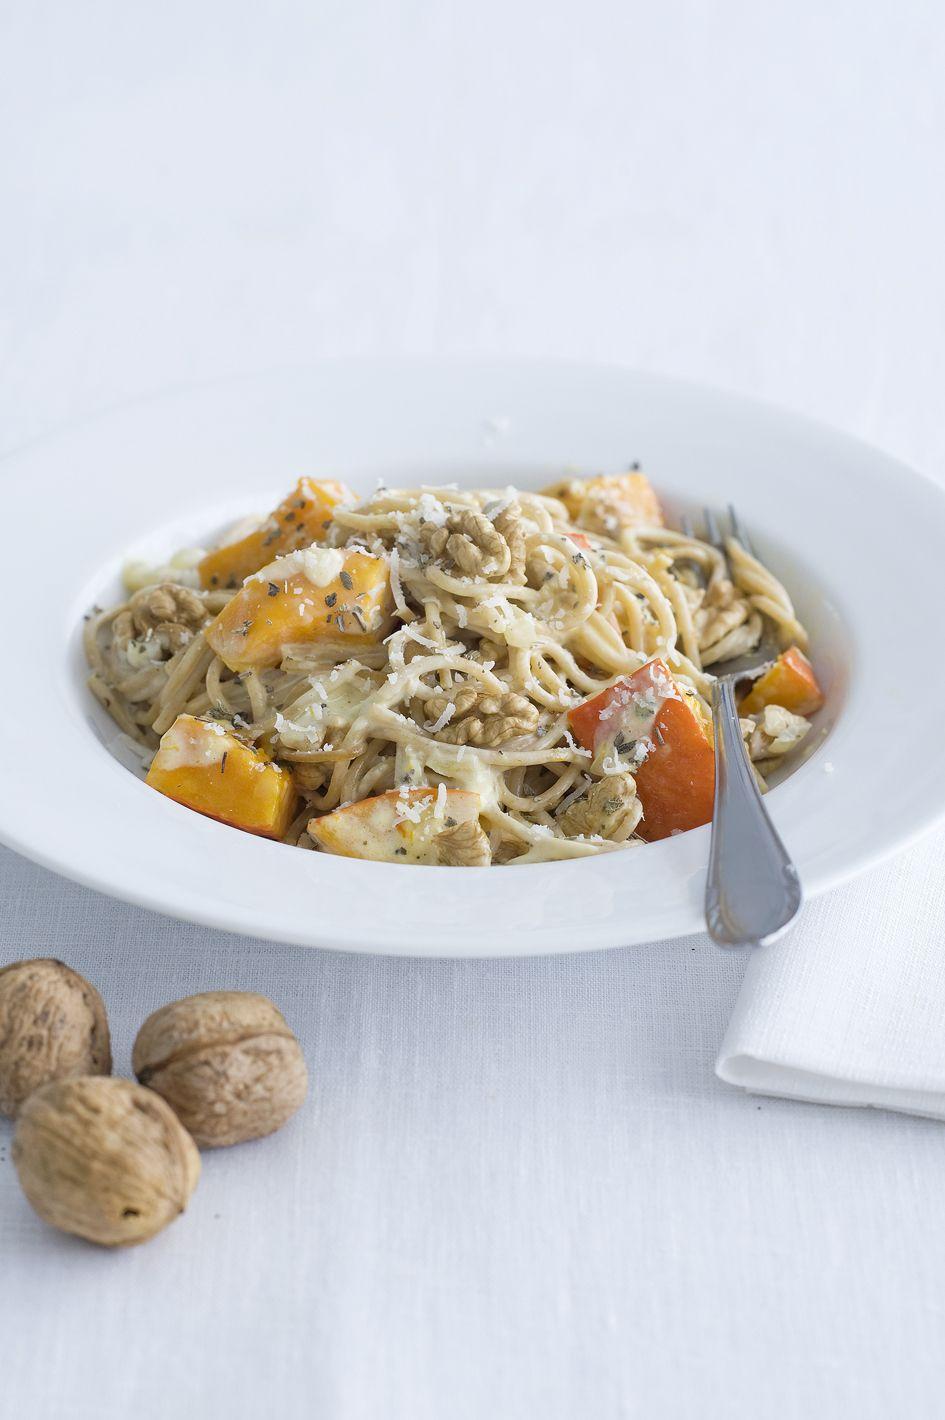 Bekijk het recept van de dag! Elke dag een lekker recept van de dag. Vis, vlees of vegetarisch. Makkelijke gerechten�